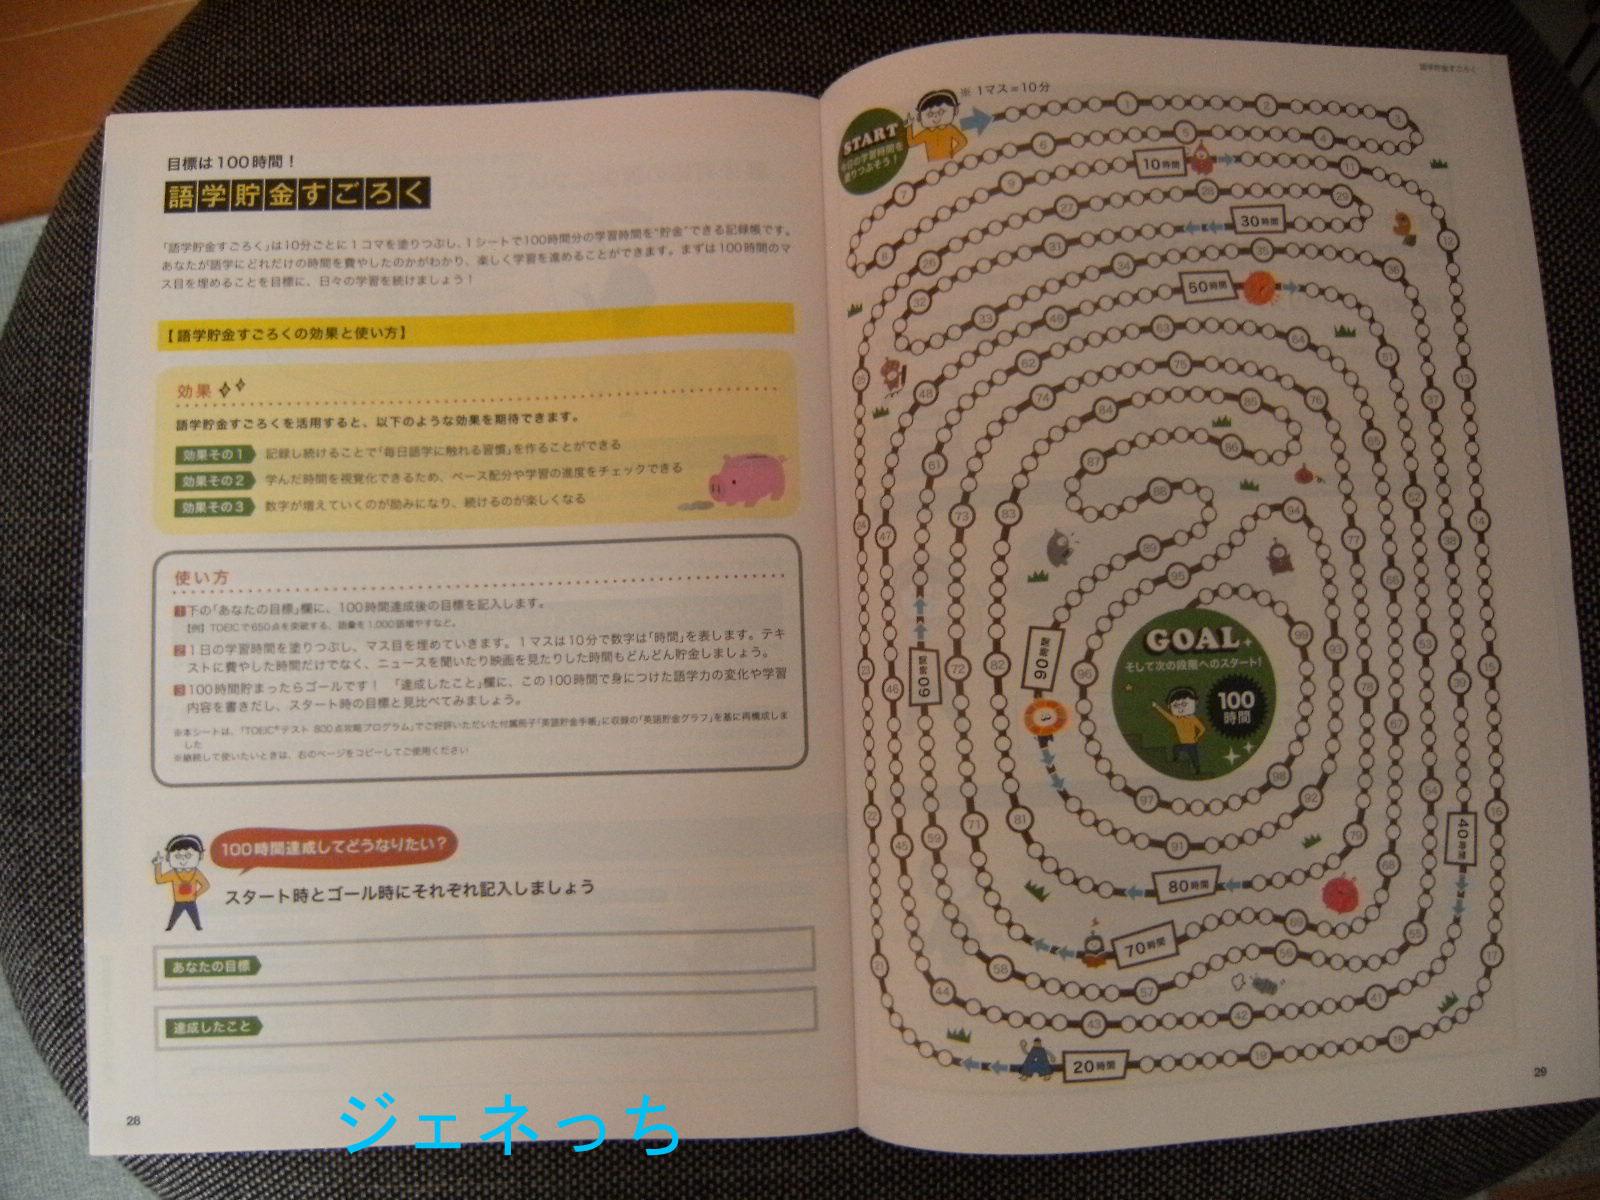 アルクのヒアリングマラソン特別お試し3ヵ月コース書類が届いたよ